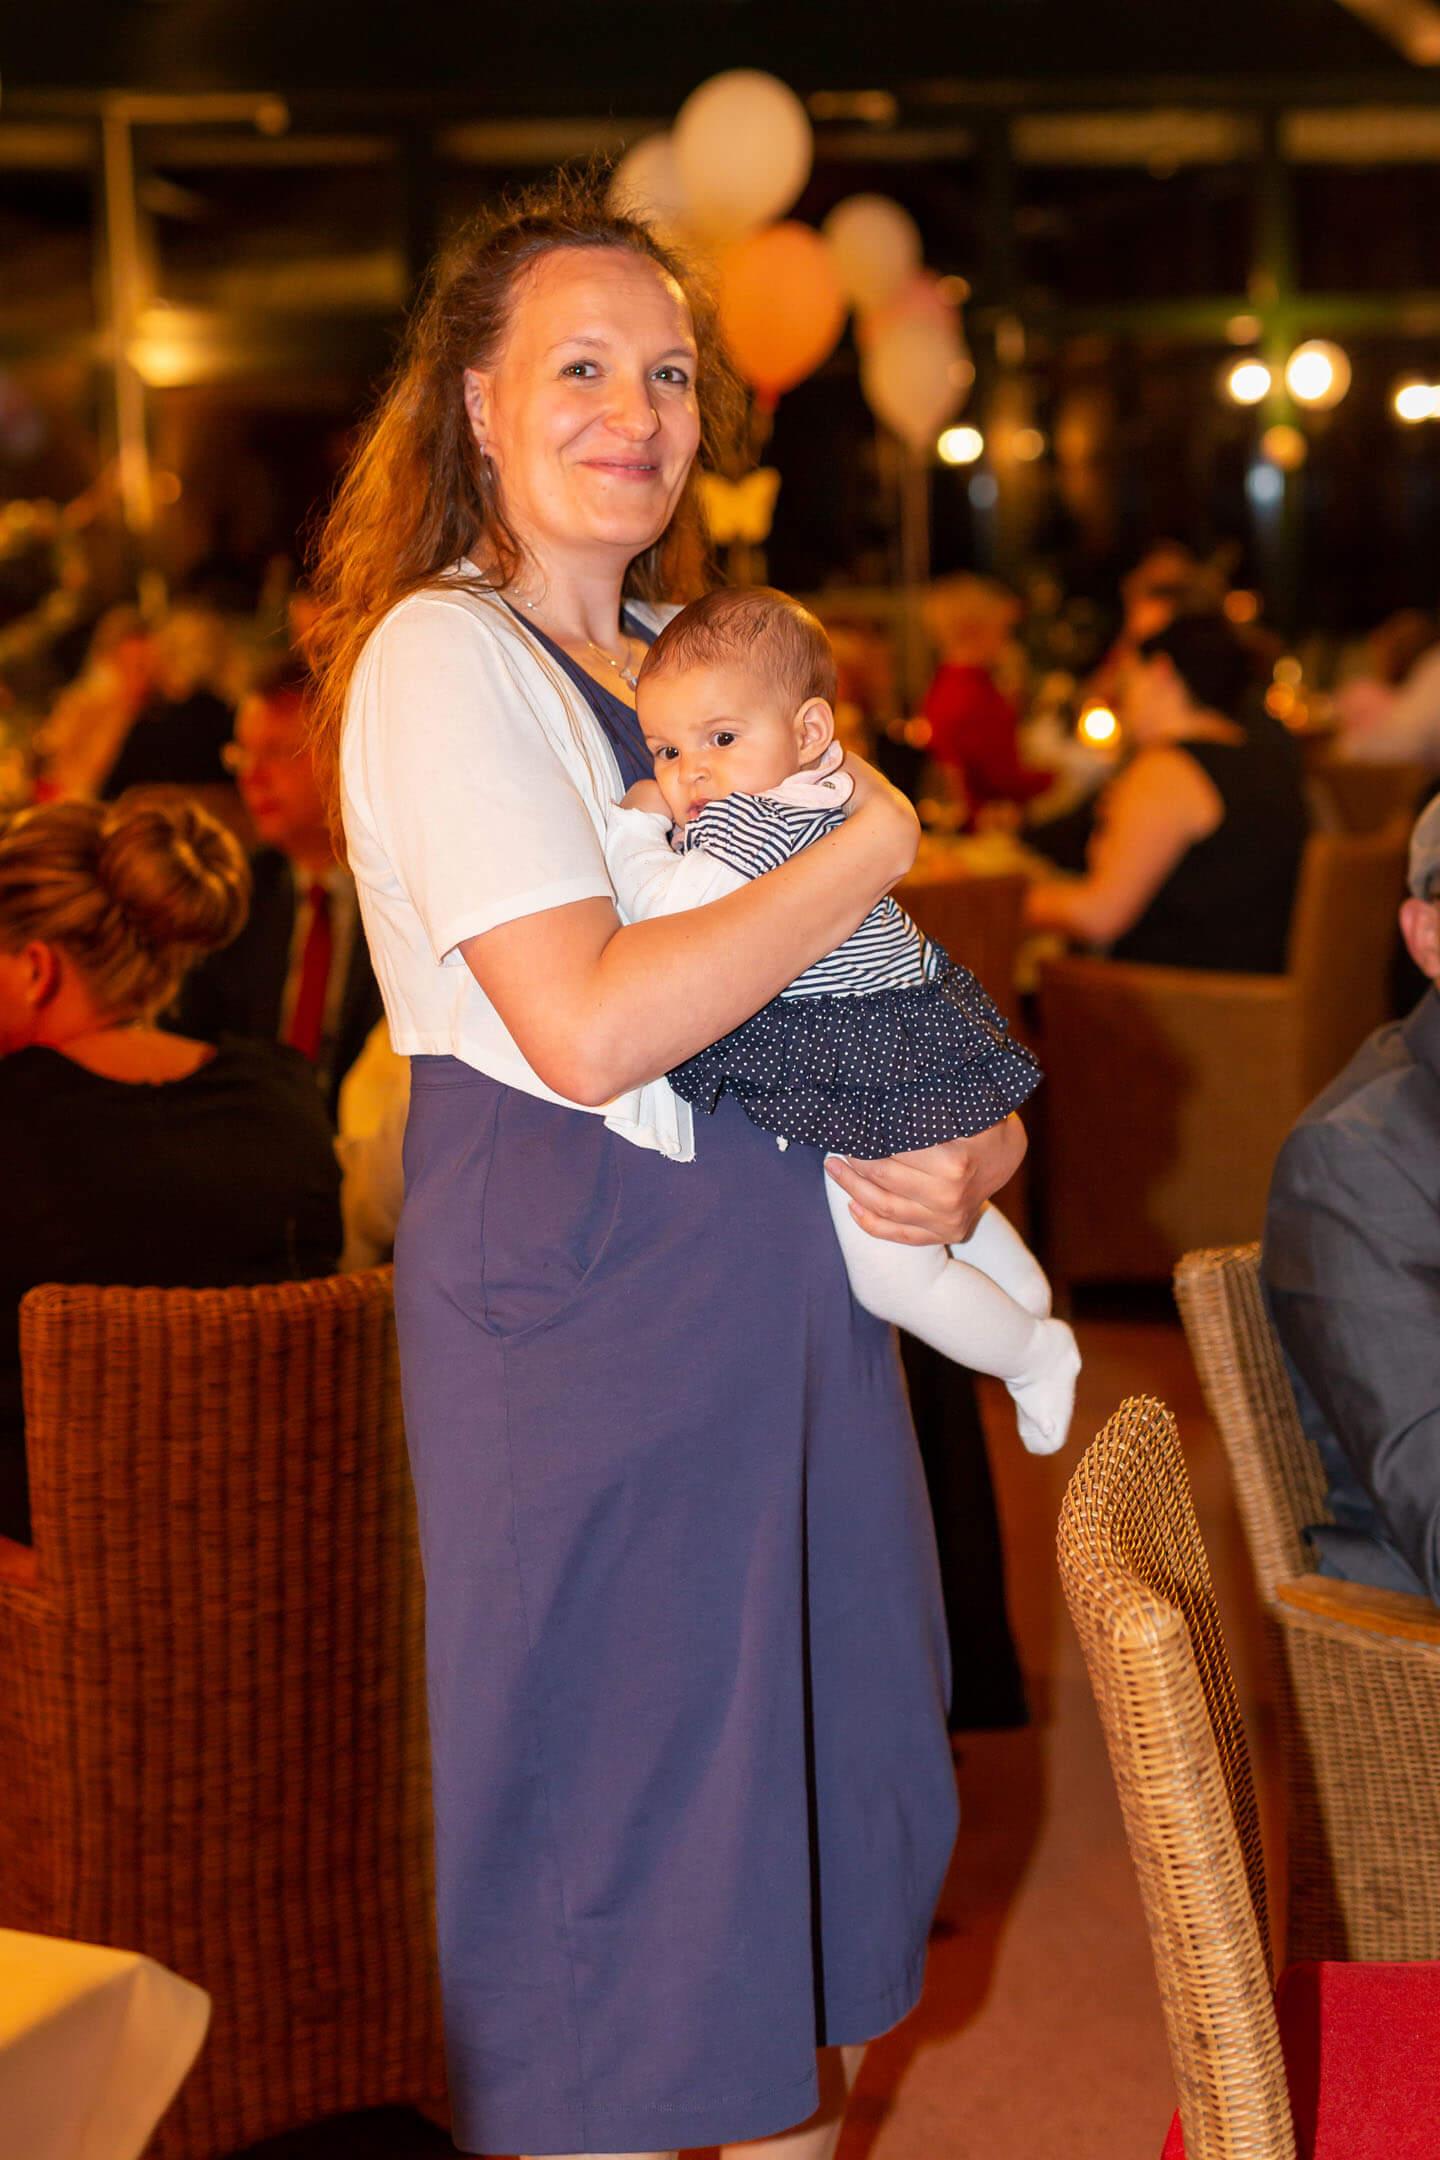 Mutter mit Neugeborenem auf Hochzeitsfeier